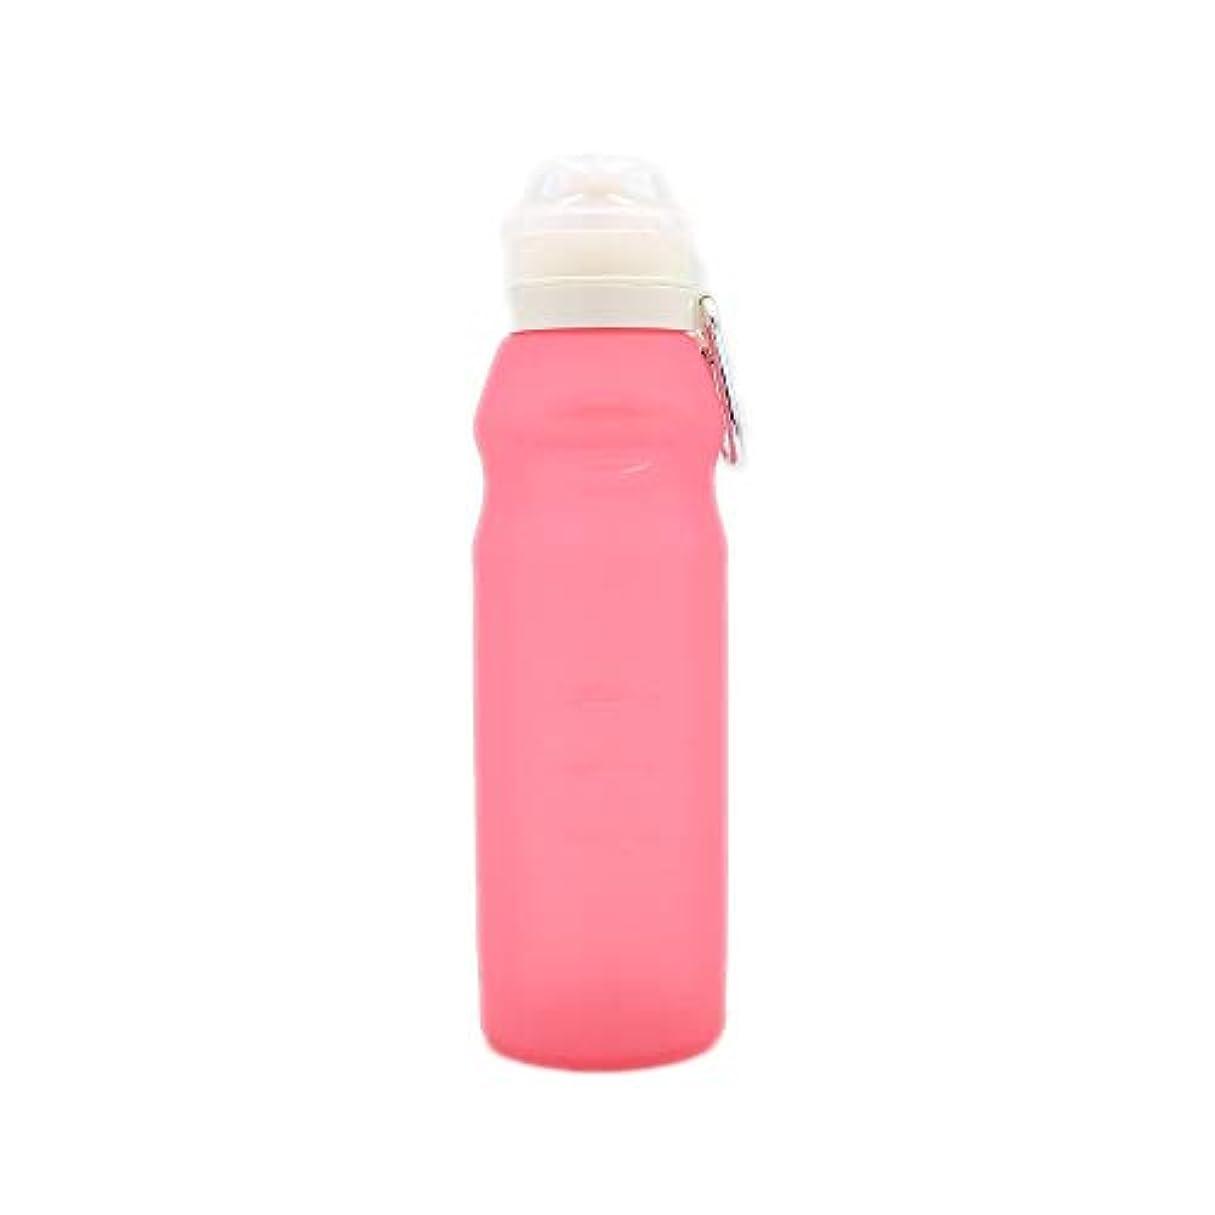 旋律的軍隊契約した折りたたみスポーツボトル600ミリリットルスポーツウォーターボトルプラスチック飲料ボトル屋外キャンププロテインパウダーシェーカーボトル